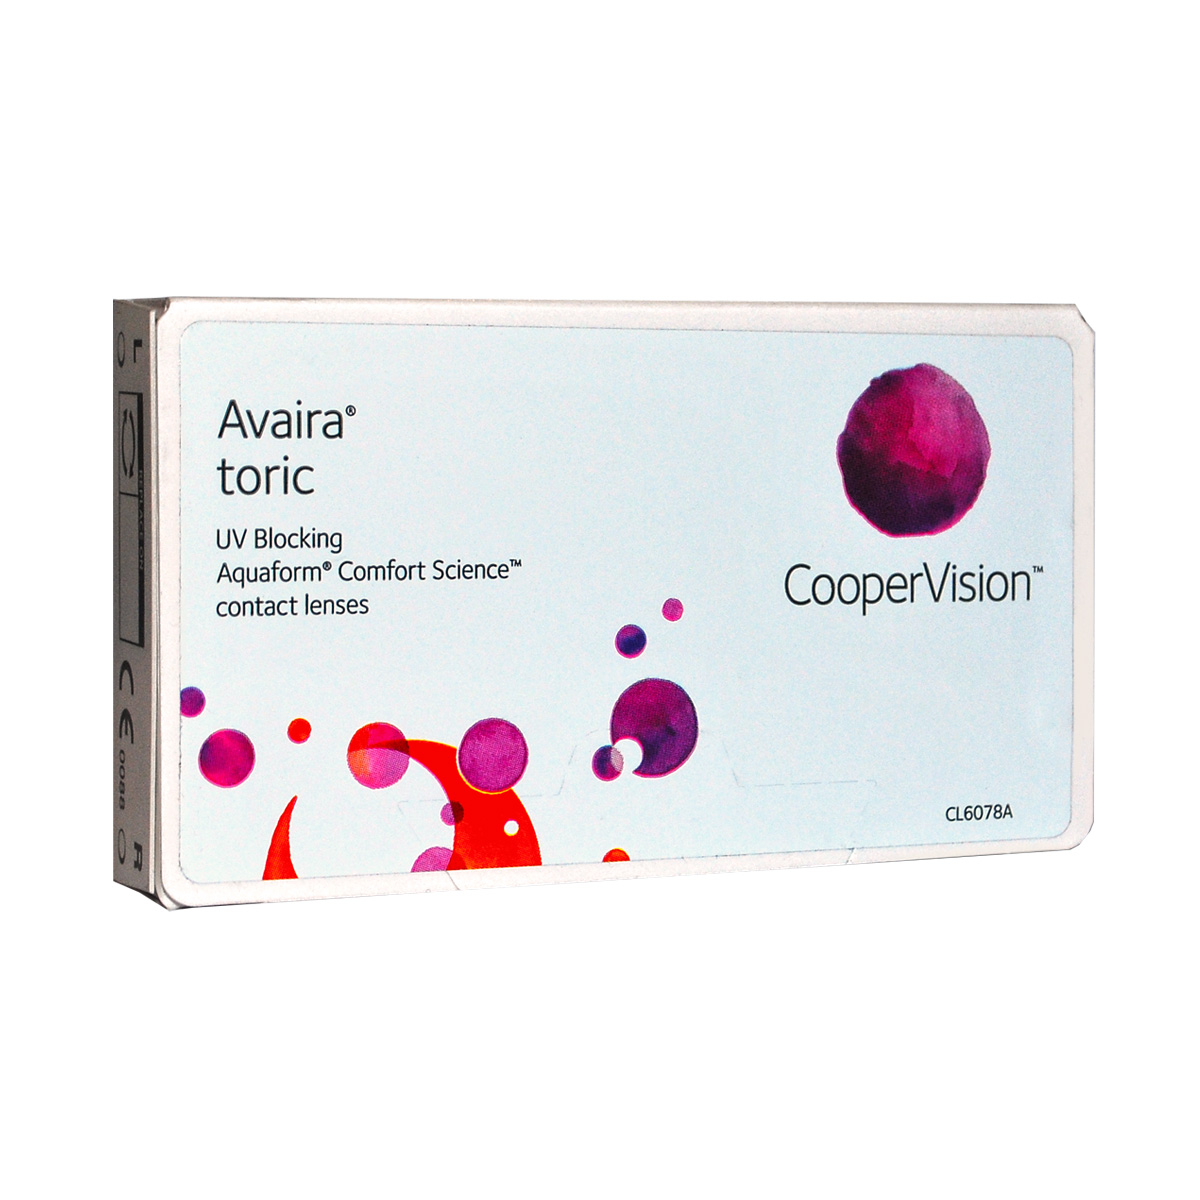 Lenstore Avaira Toric (3 lenses)